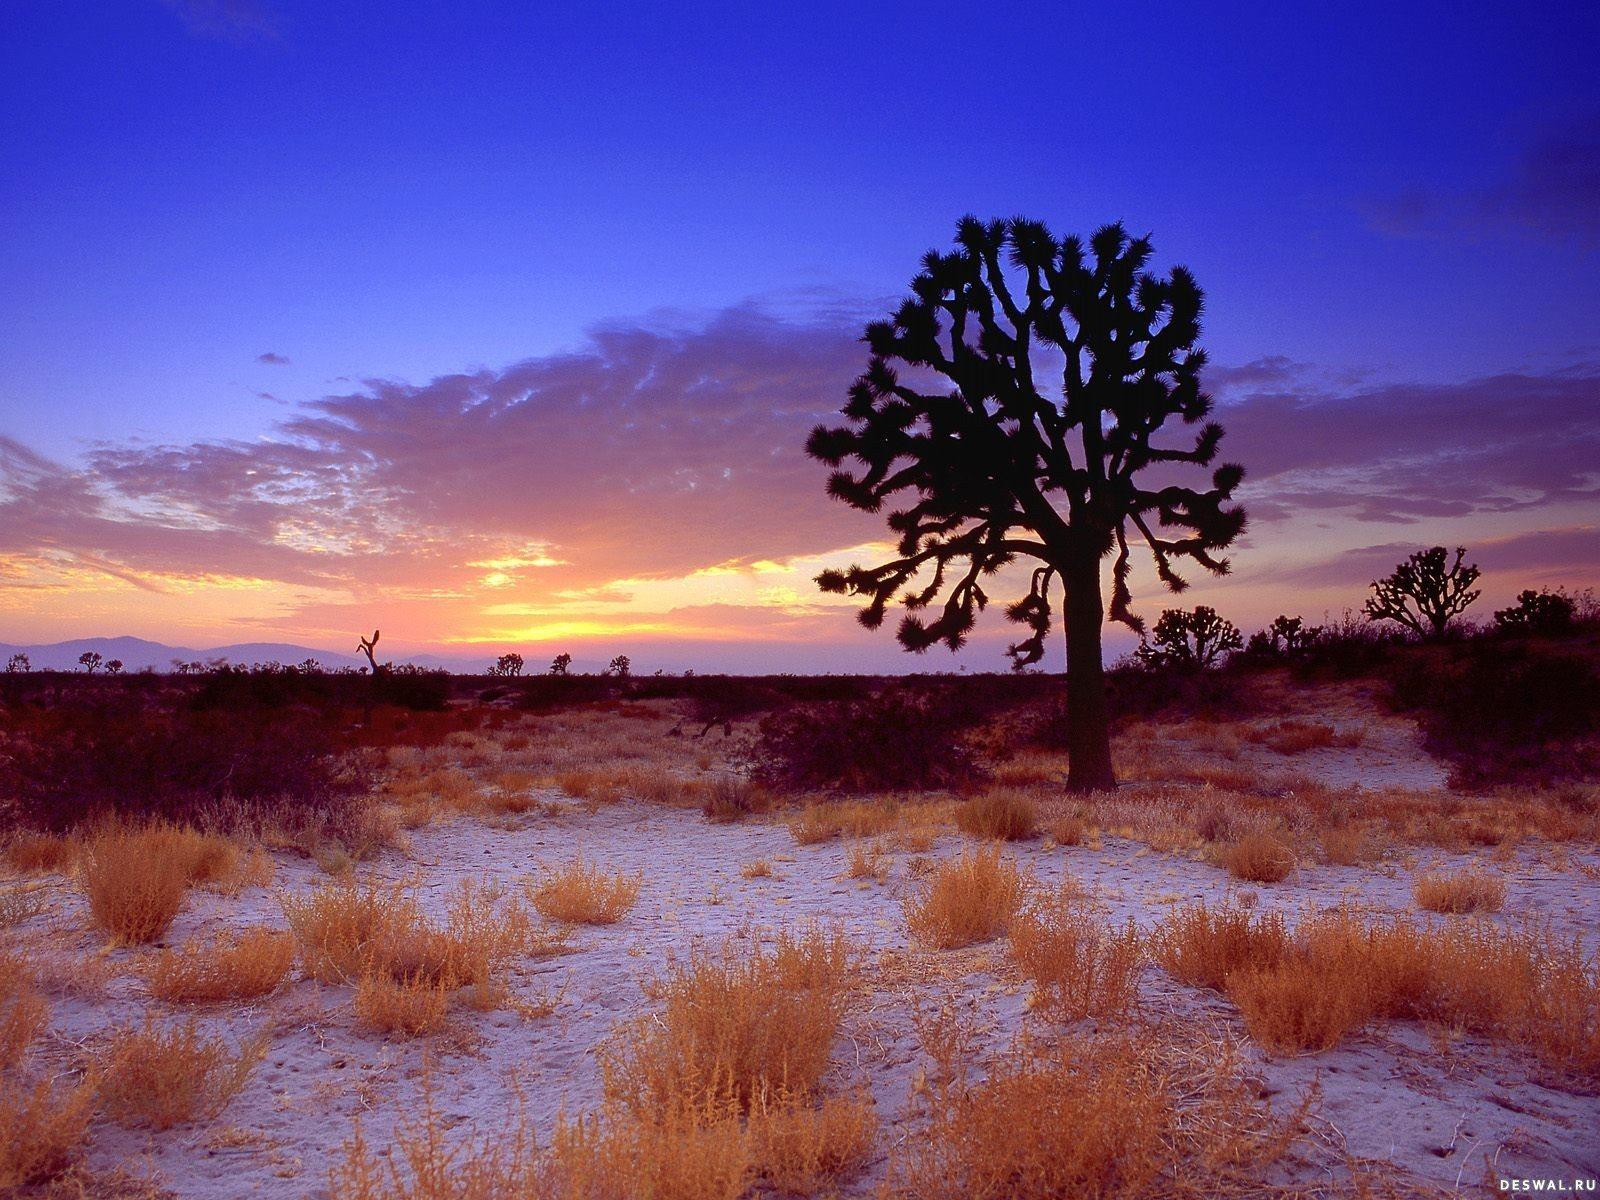 Фото 12.. Нажмите на картинку с обоями природы - пустыня, пески, чтобы просмотреть ее в реальном размере